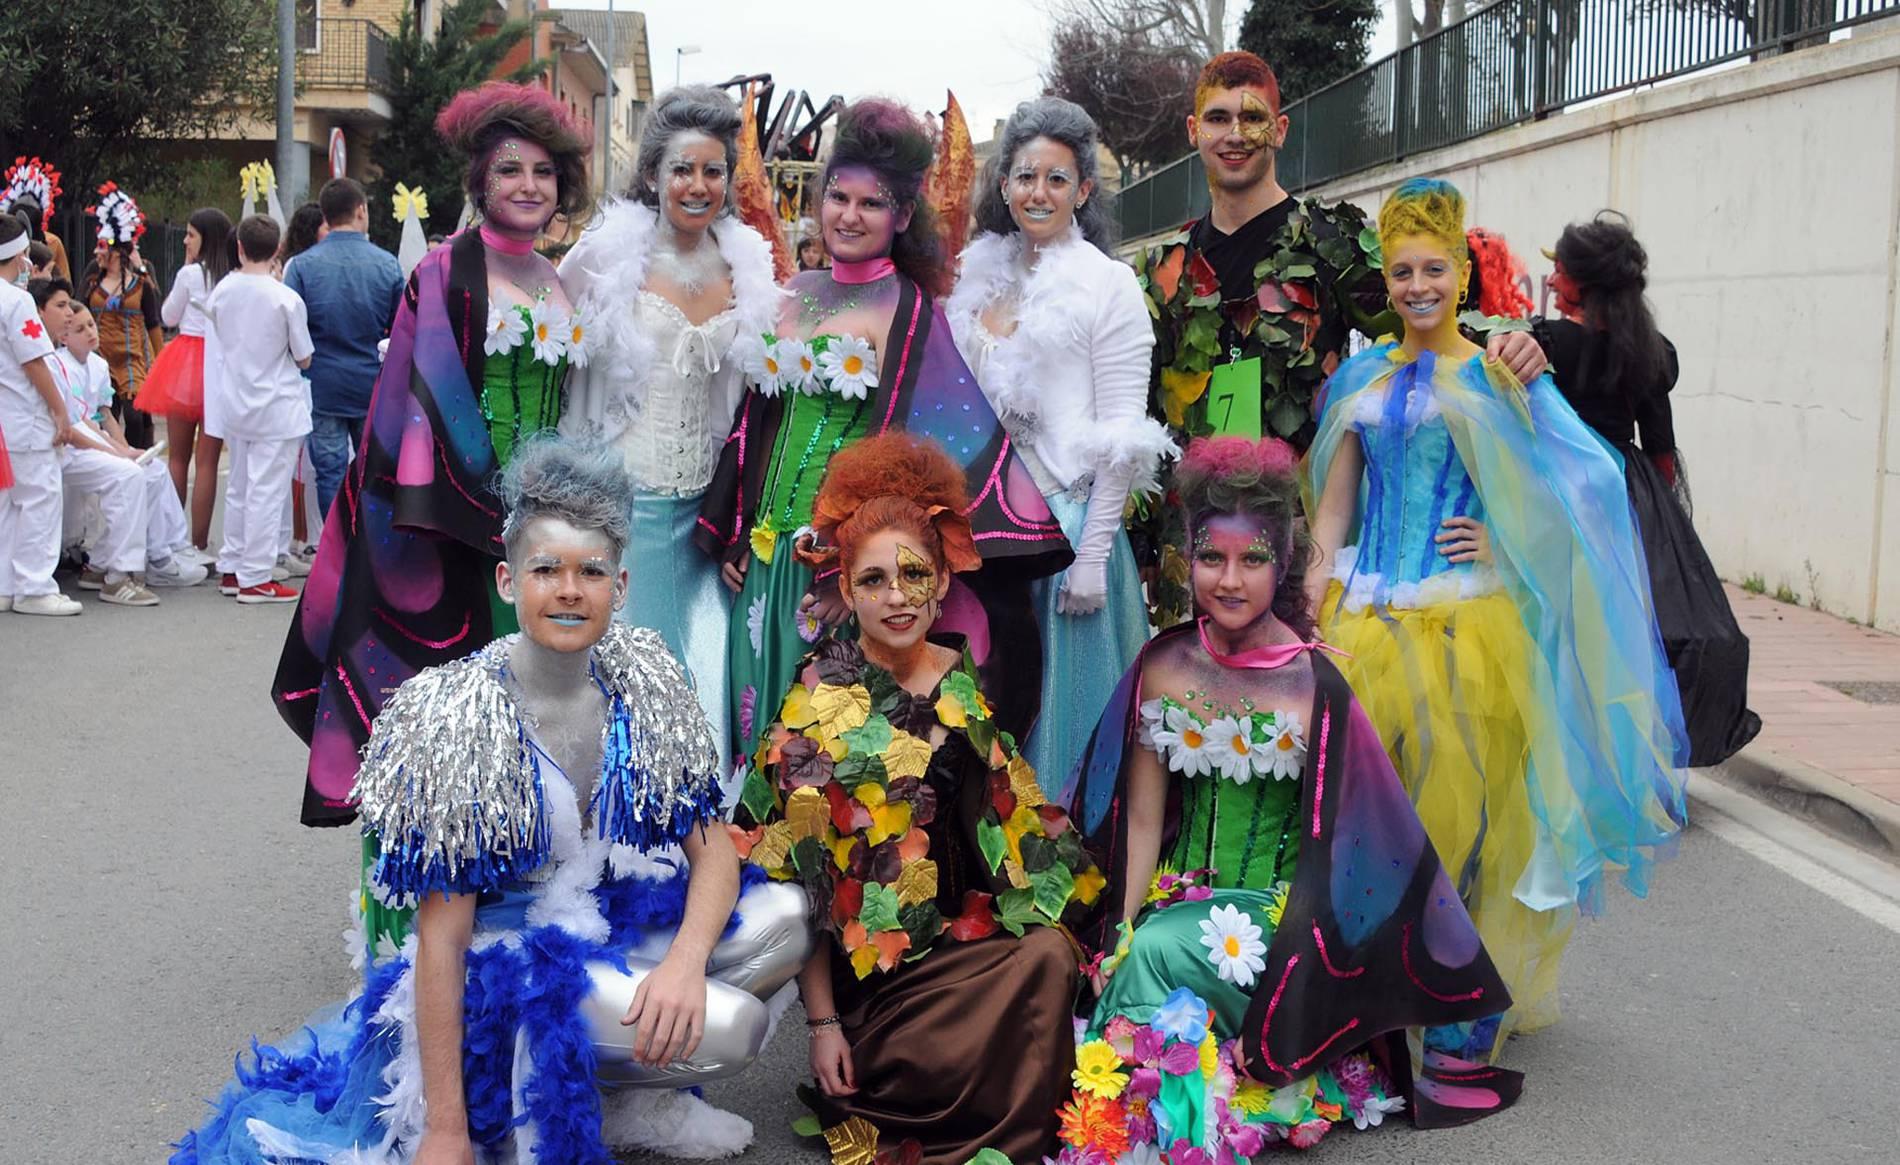 Cerrando el ciclo de los carnavales (1/14) - El de Milagro es una de las celebraciones carnavalescas más tardías de la Comunidad foral. Los vecinos salieron a las calles para participar en el tradicional desfile la tarde del sábado 11 de marzo. La larga espera no defraudó a nadie y las cuadrillas de amigos y familias llenaron de imaginación y mucho color la jornada. - Navarra -